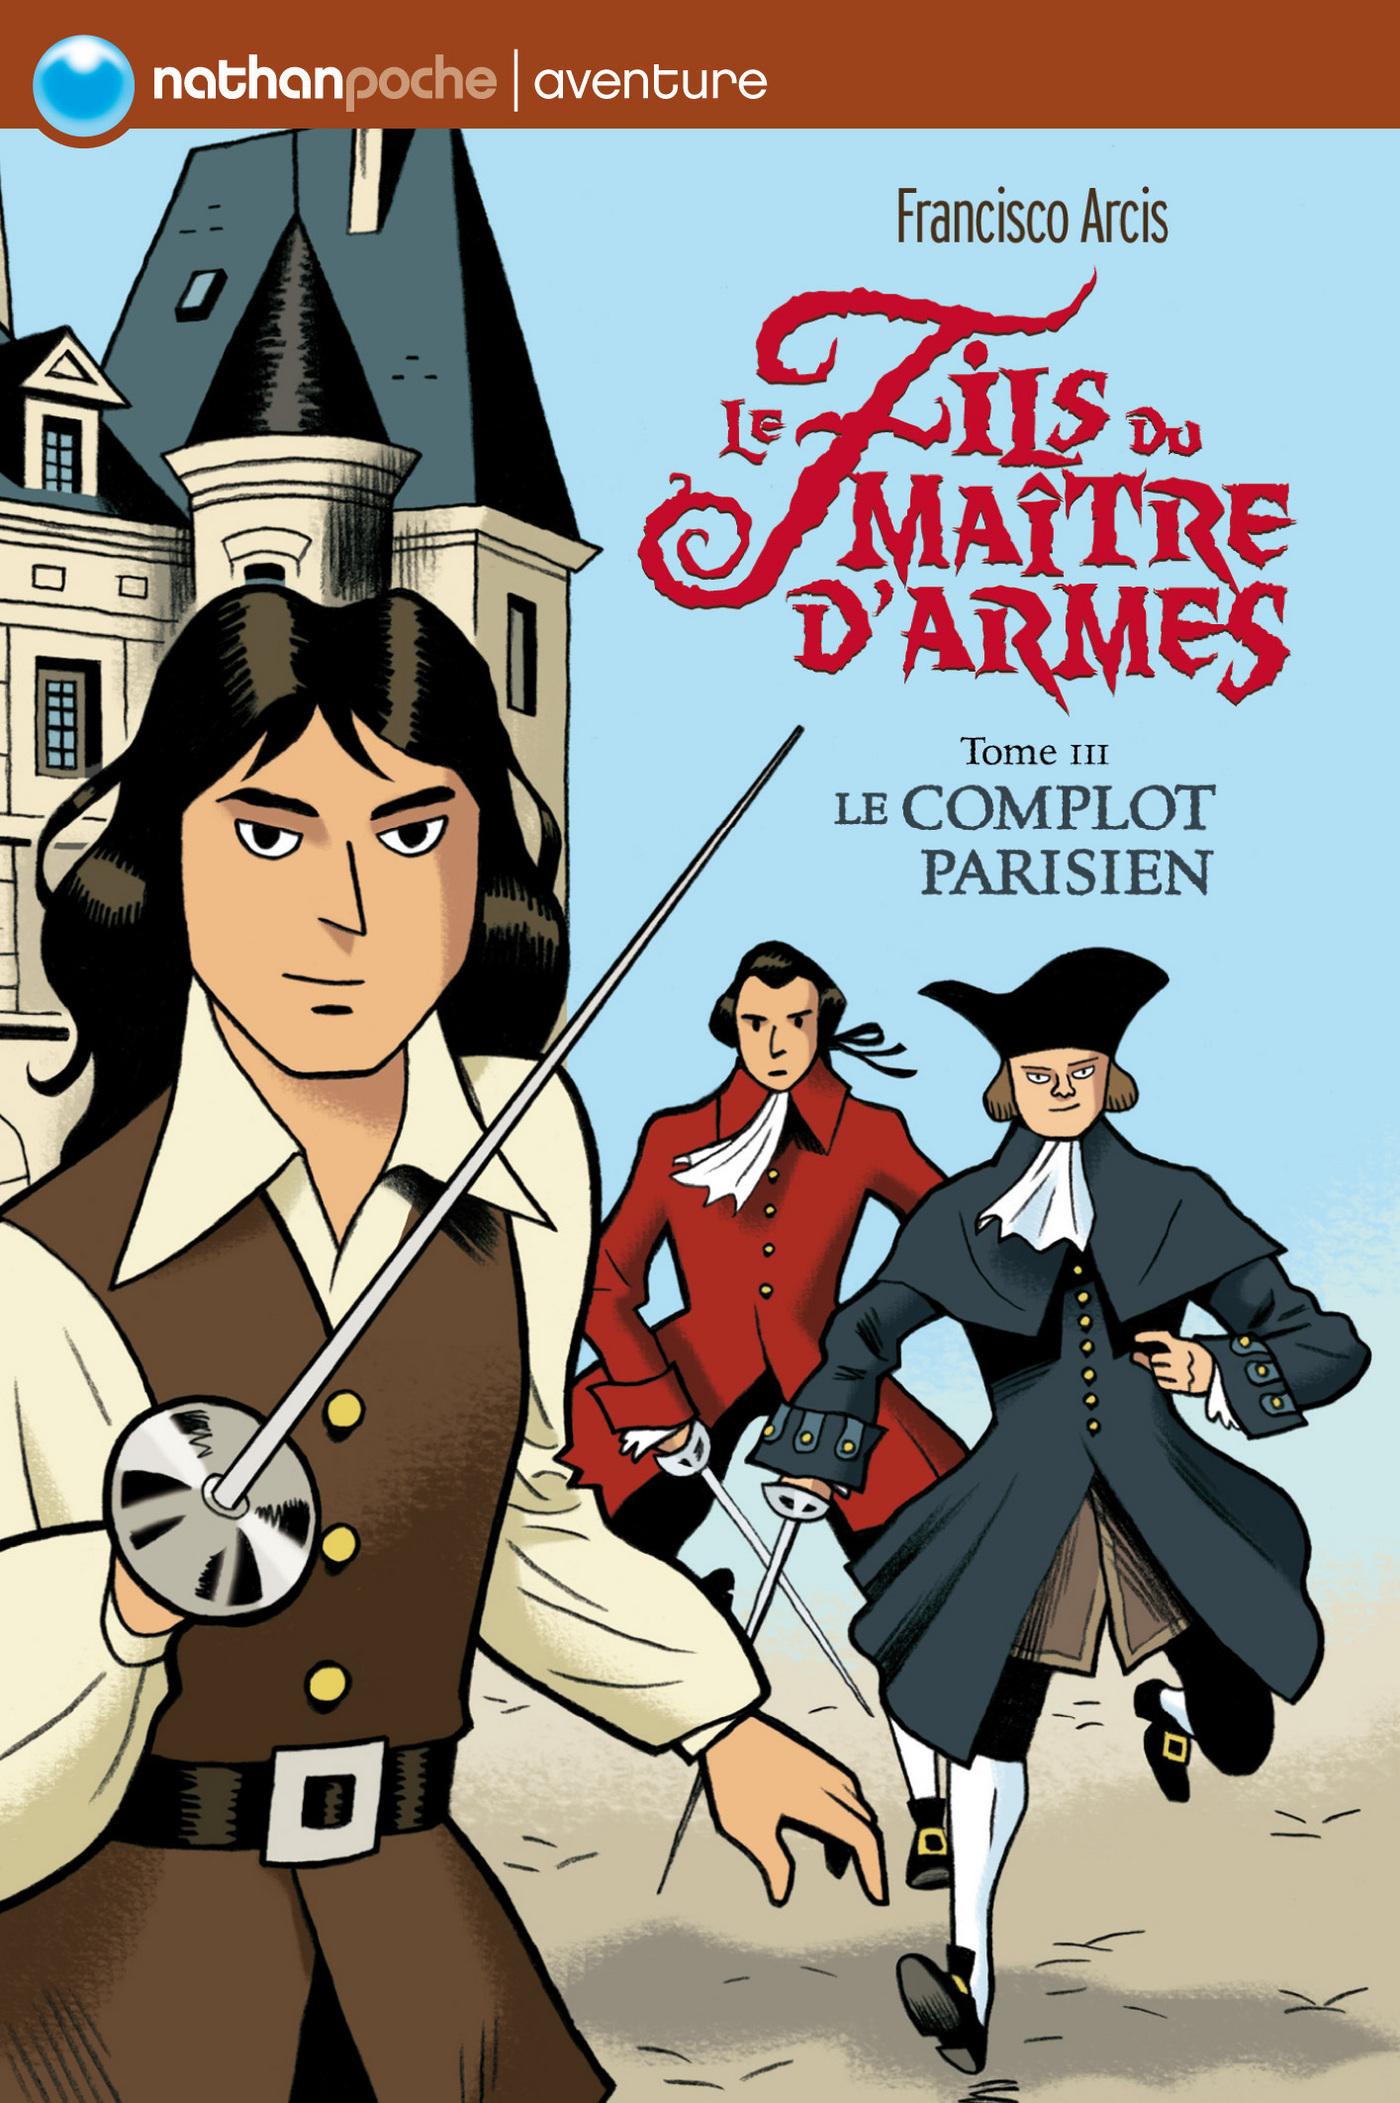 Le fils du maître d'armes - Tome 3 (ebook)